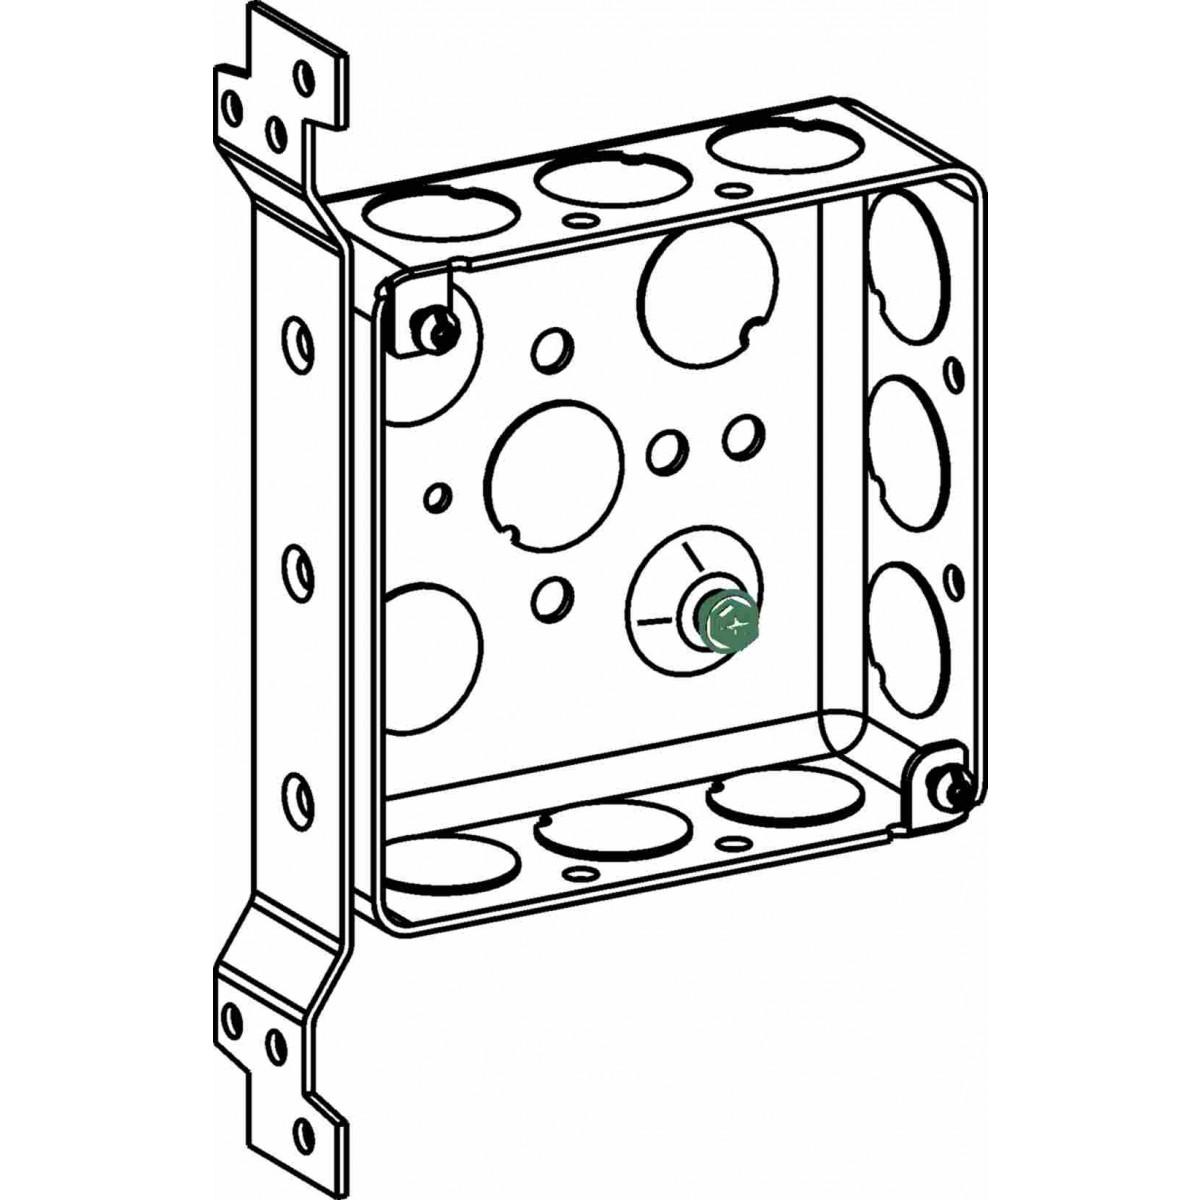 d4sb-50-fb - 4 u201d  4s  boxes